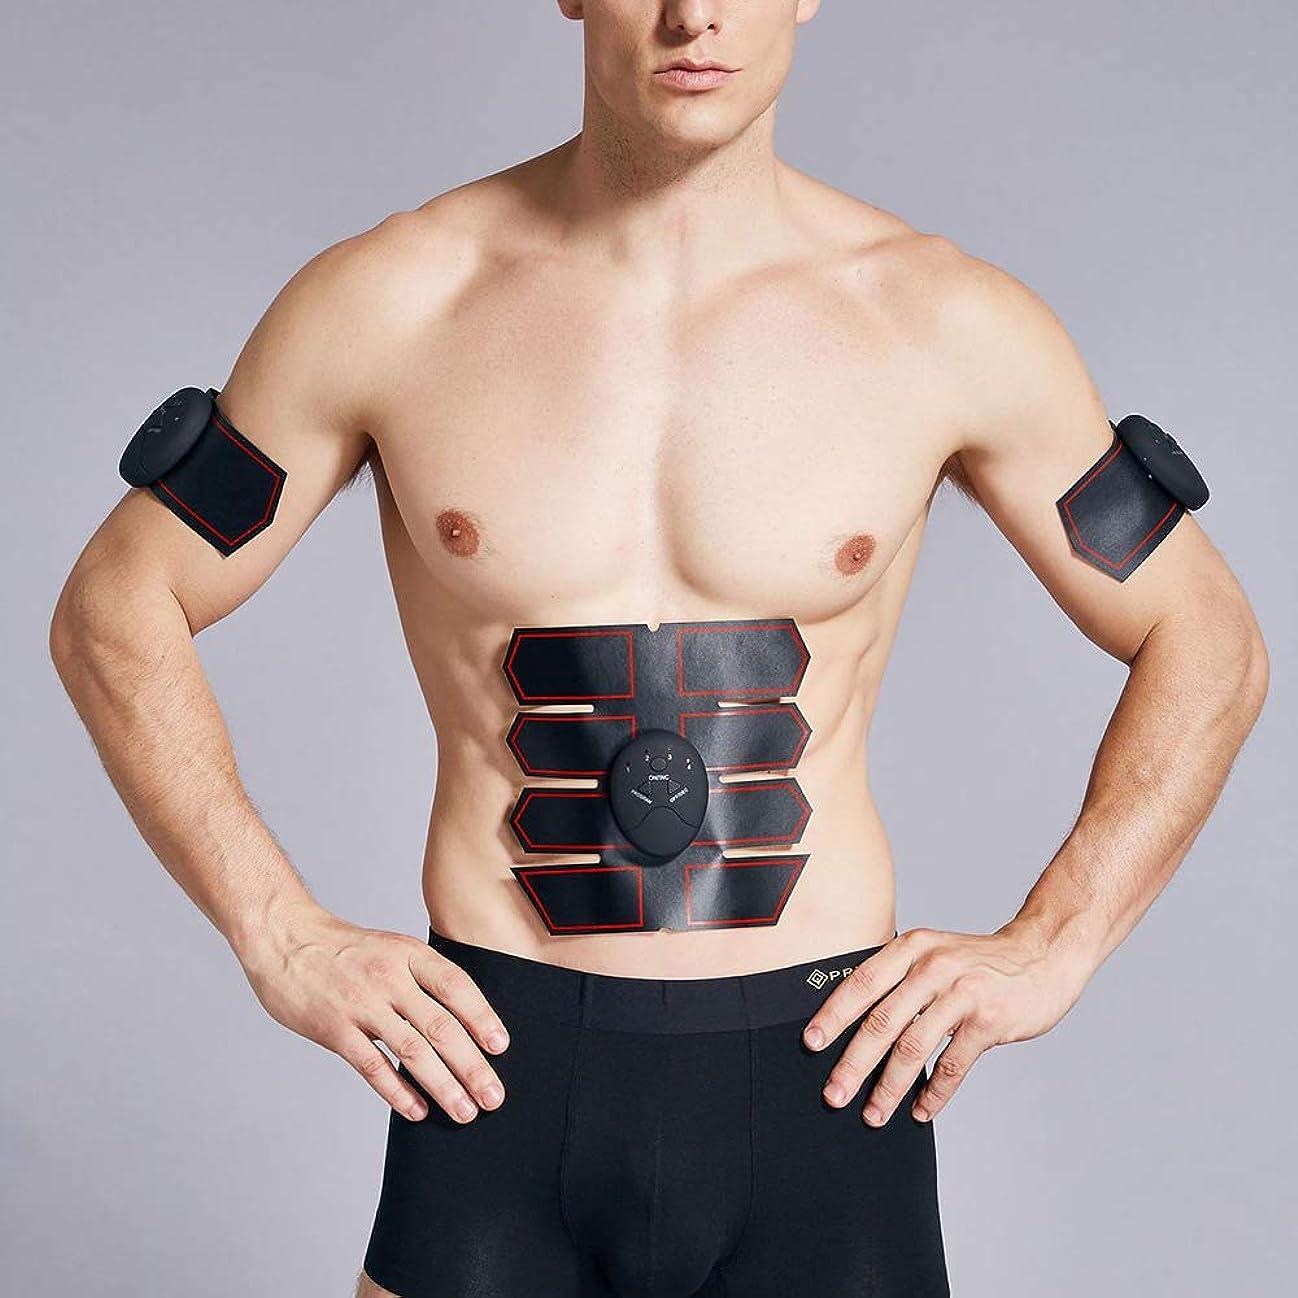 きれいに既婚急速な新しい腹筋トレーナーEMSワイヤレス筋肉刺激装置体重減少腹部トレーナー美容機全身マッサージエクササイズフィットネス機器ユニセックス,Black